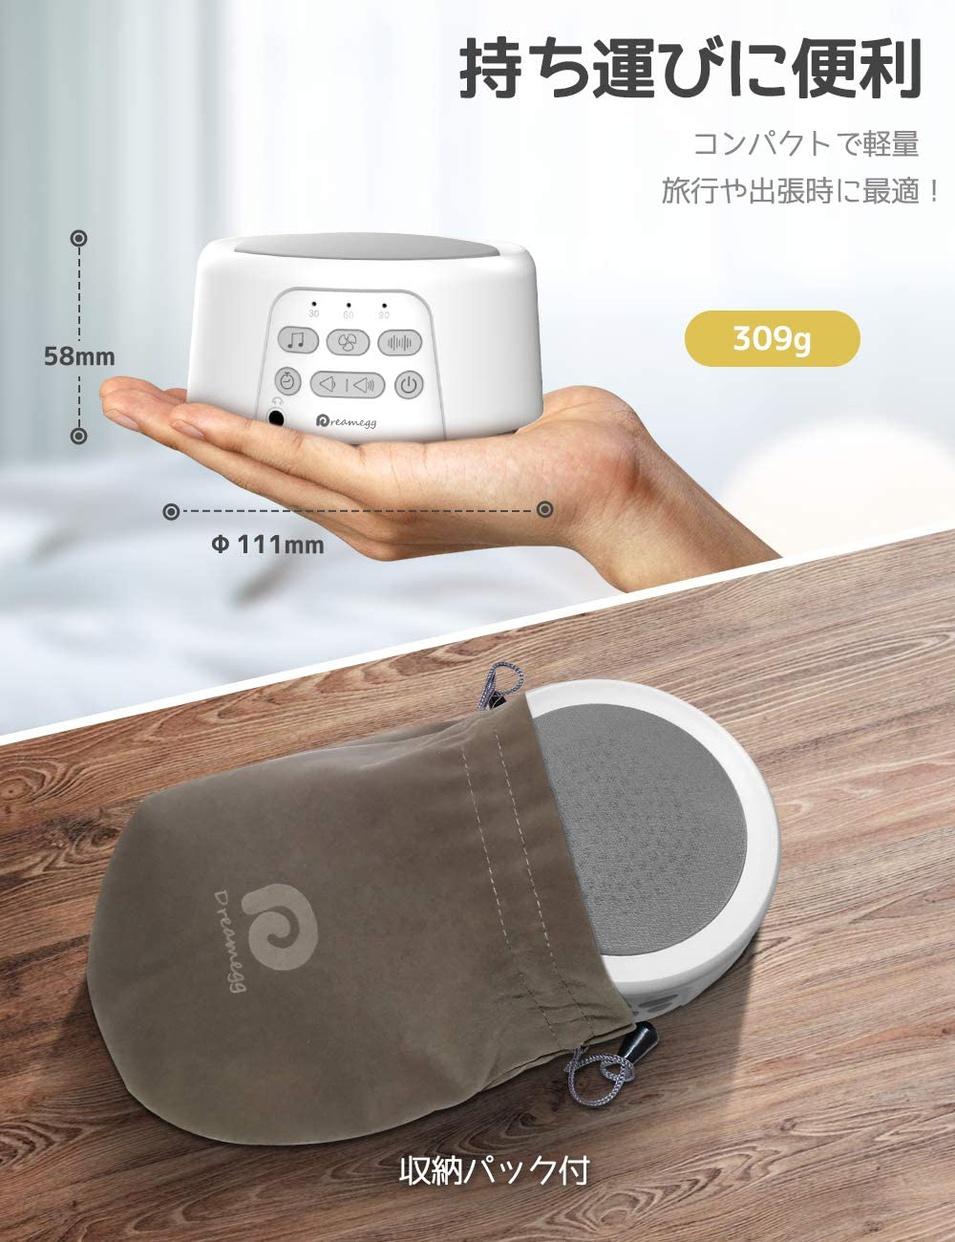 Dreamegg(ドリームエッグ) ホワイトノイズマシンの商品画像6